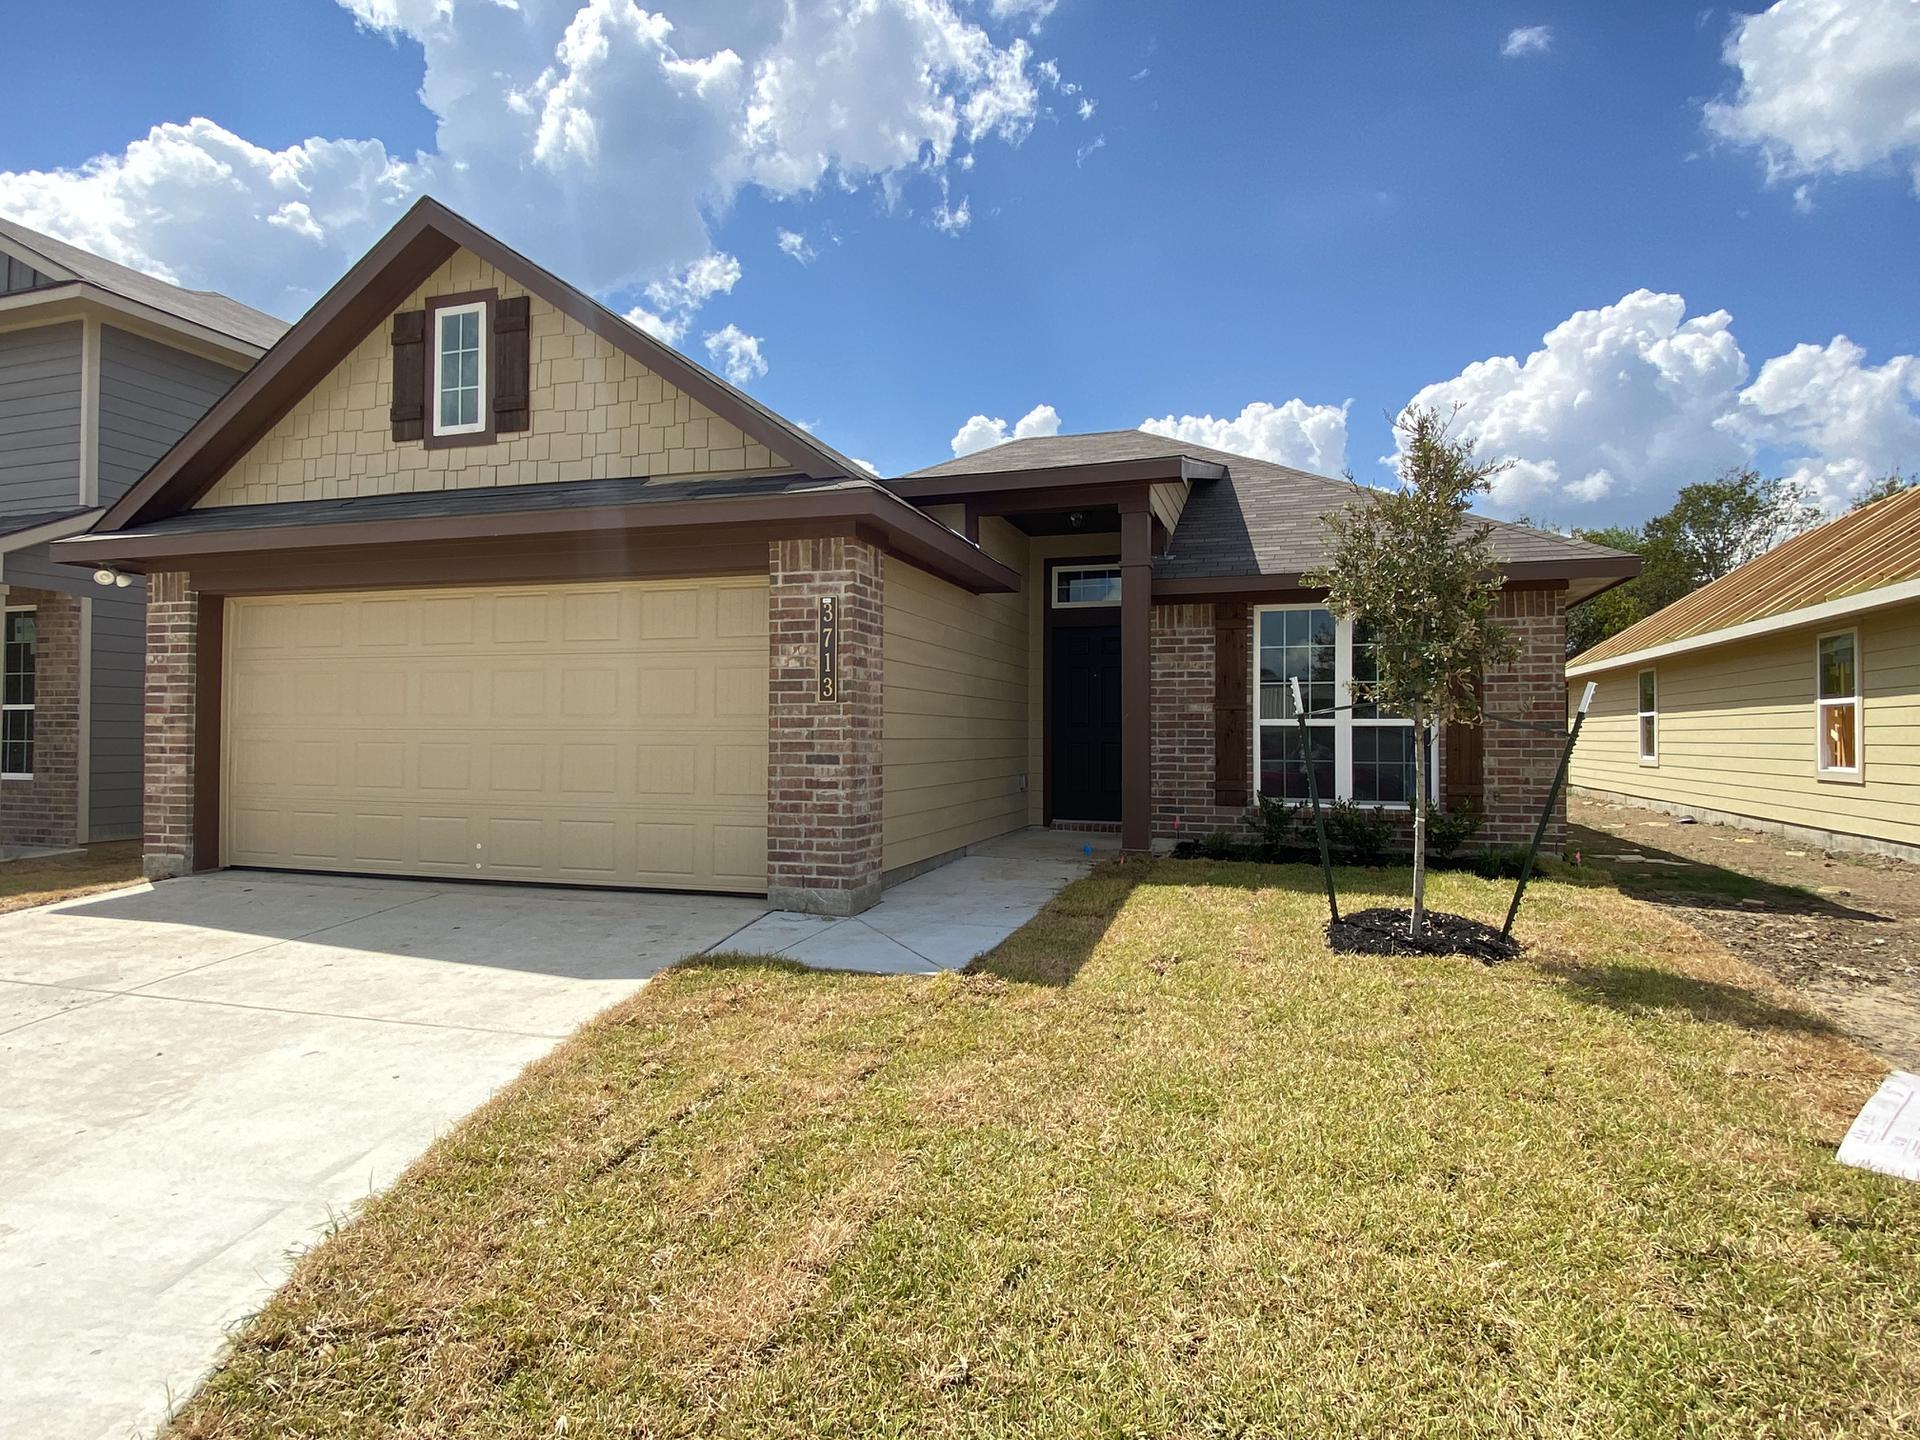 3713 McKenzie Street in Bryan, TX